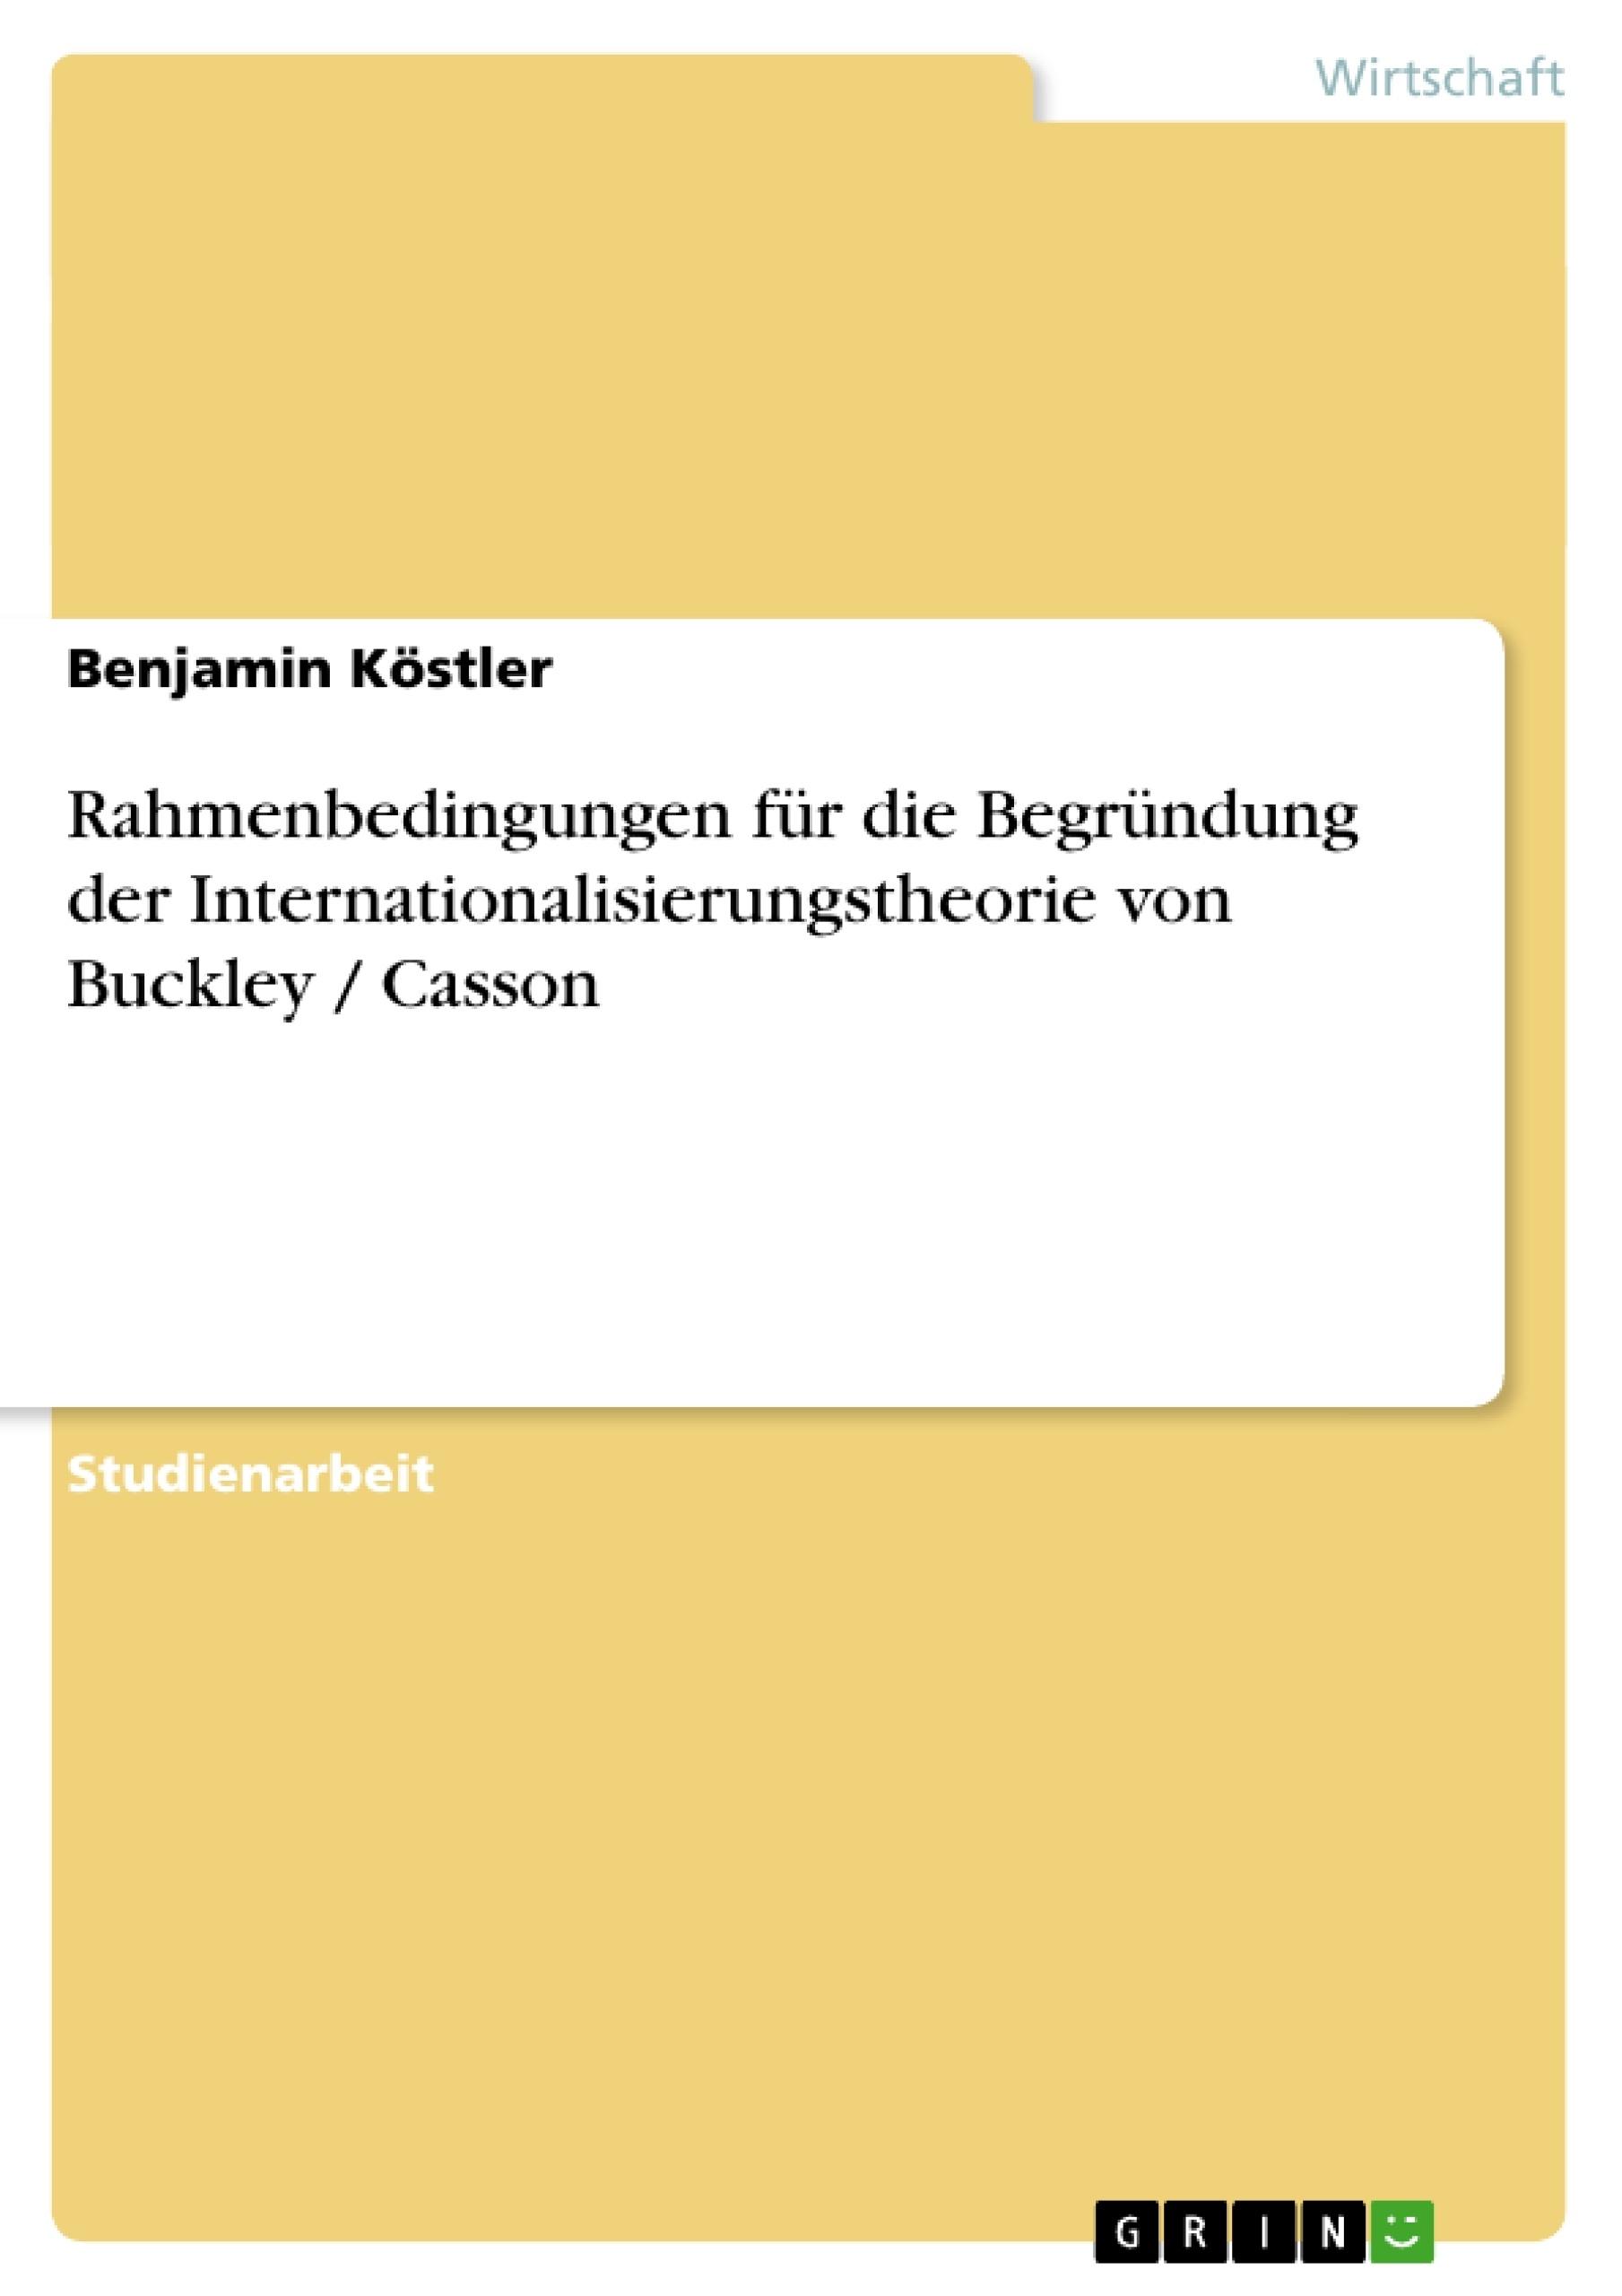 Titel: Rahmenbedingungen für die Begründung der Internationalisierungstheorie von Buckley / Casson